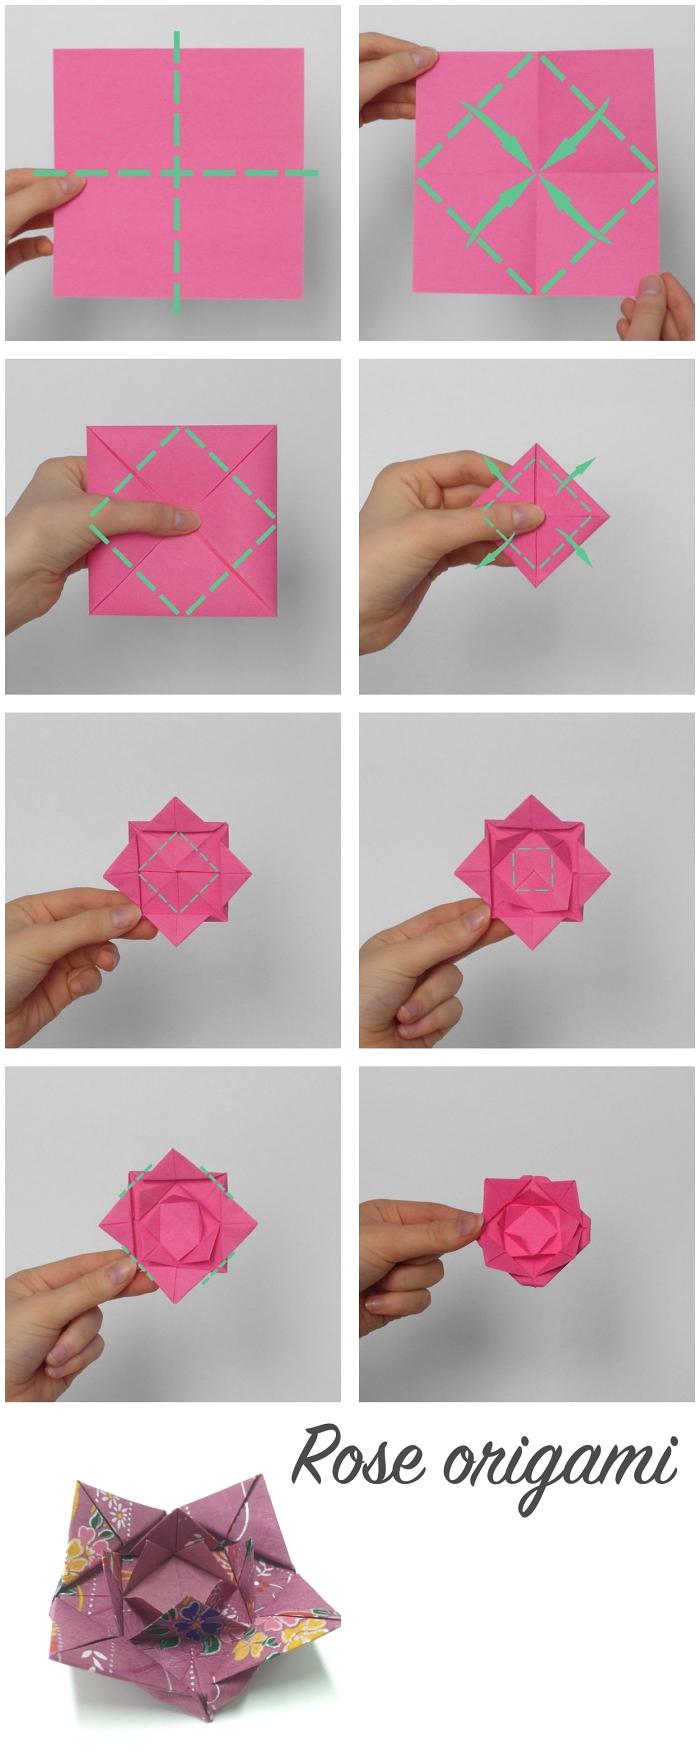 pliage facile d'une origami rose avec des instructions illustrées étape par étape, modèle de rose origami kawasaki